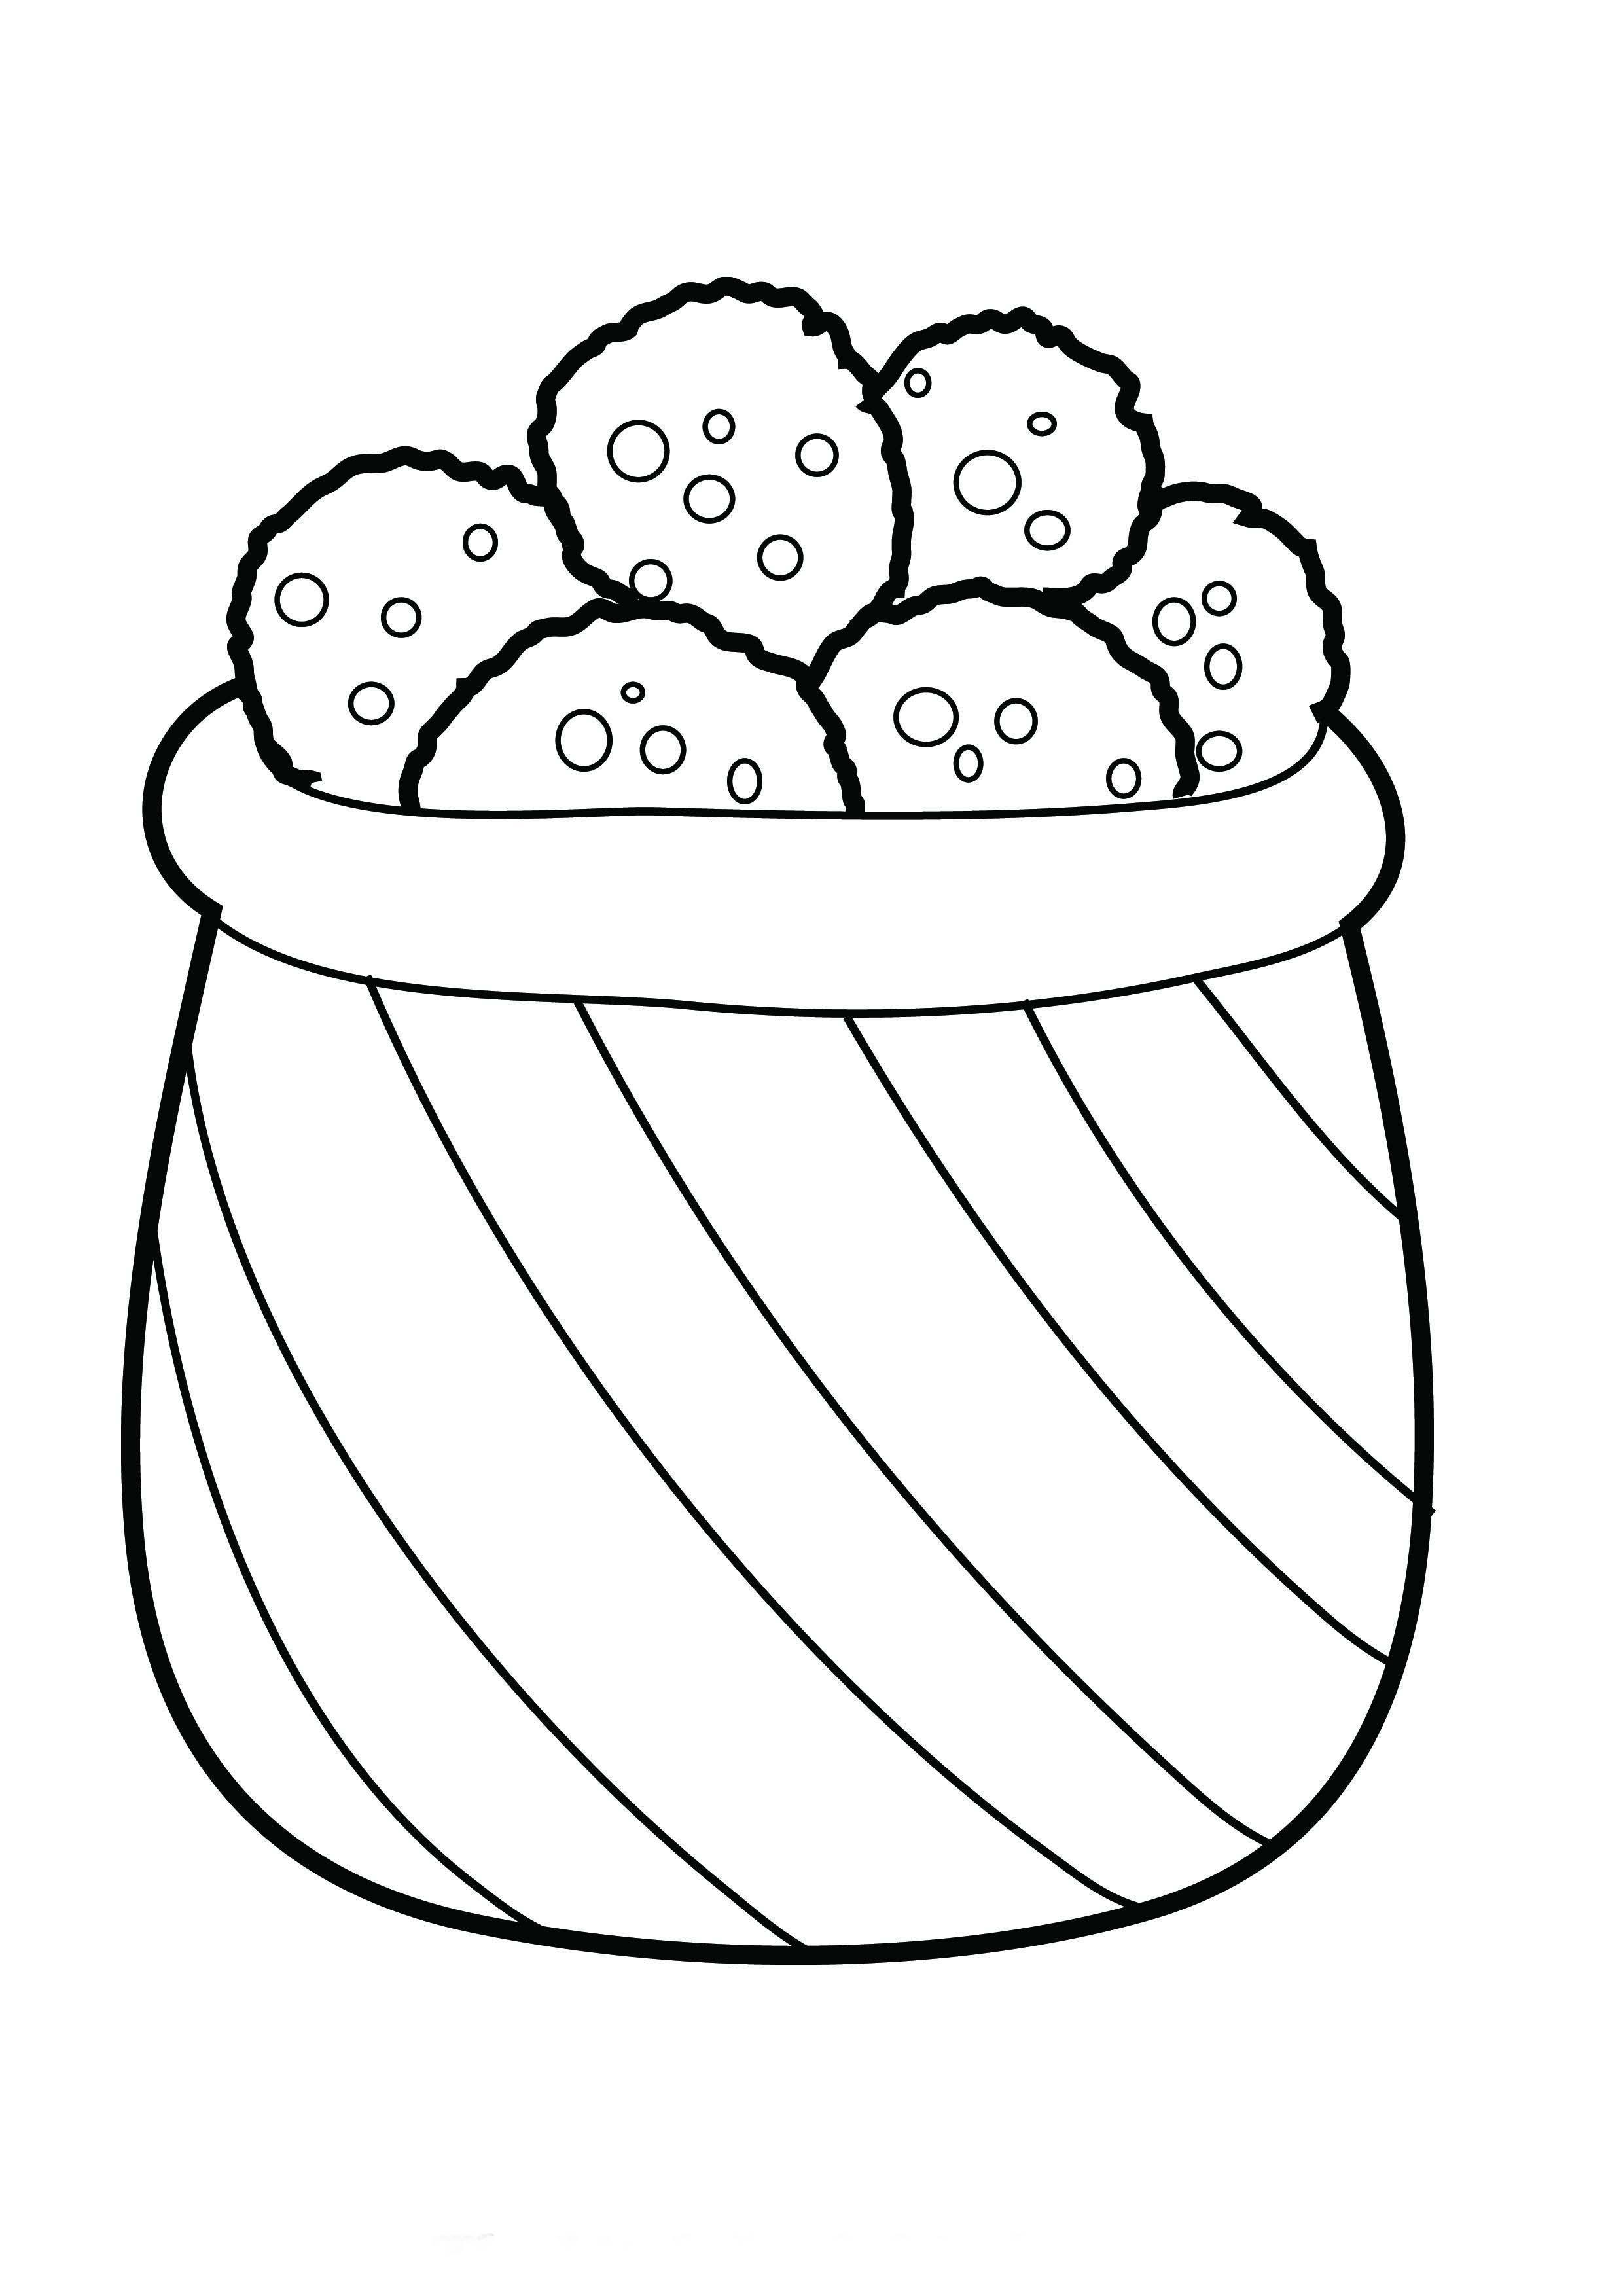 Desenho De Pote Cheio De Biscoitos Para Colorir Tudodesenhos